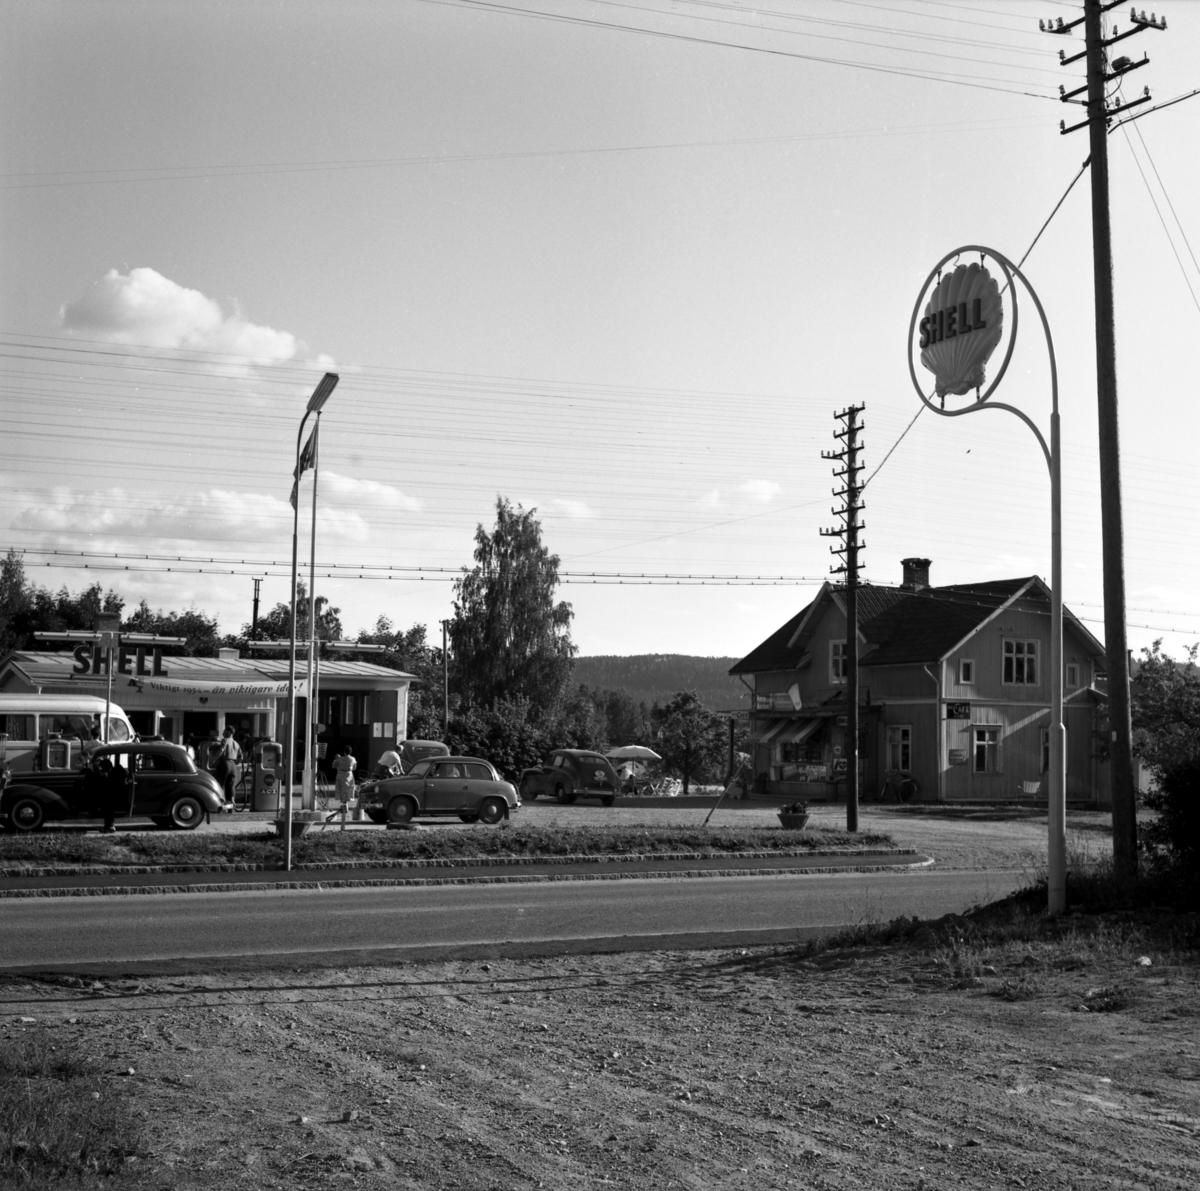 Någonstans i Värmland - närmare bestämt Åmotfors i slutet av 1950-talet.